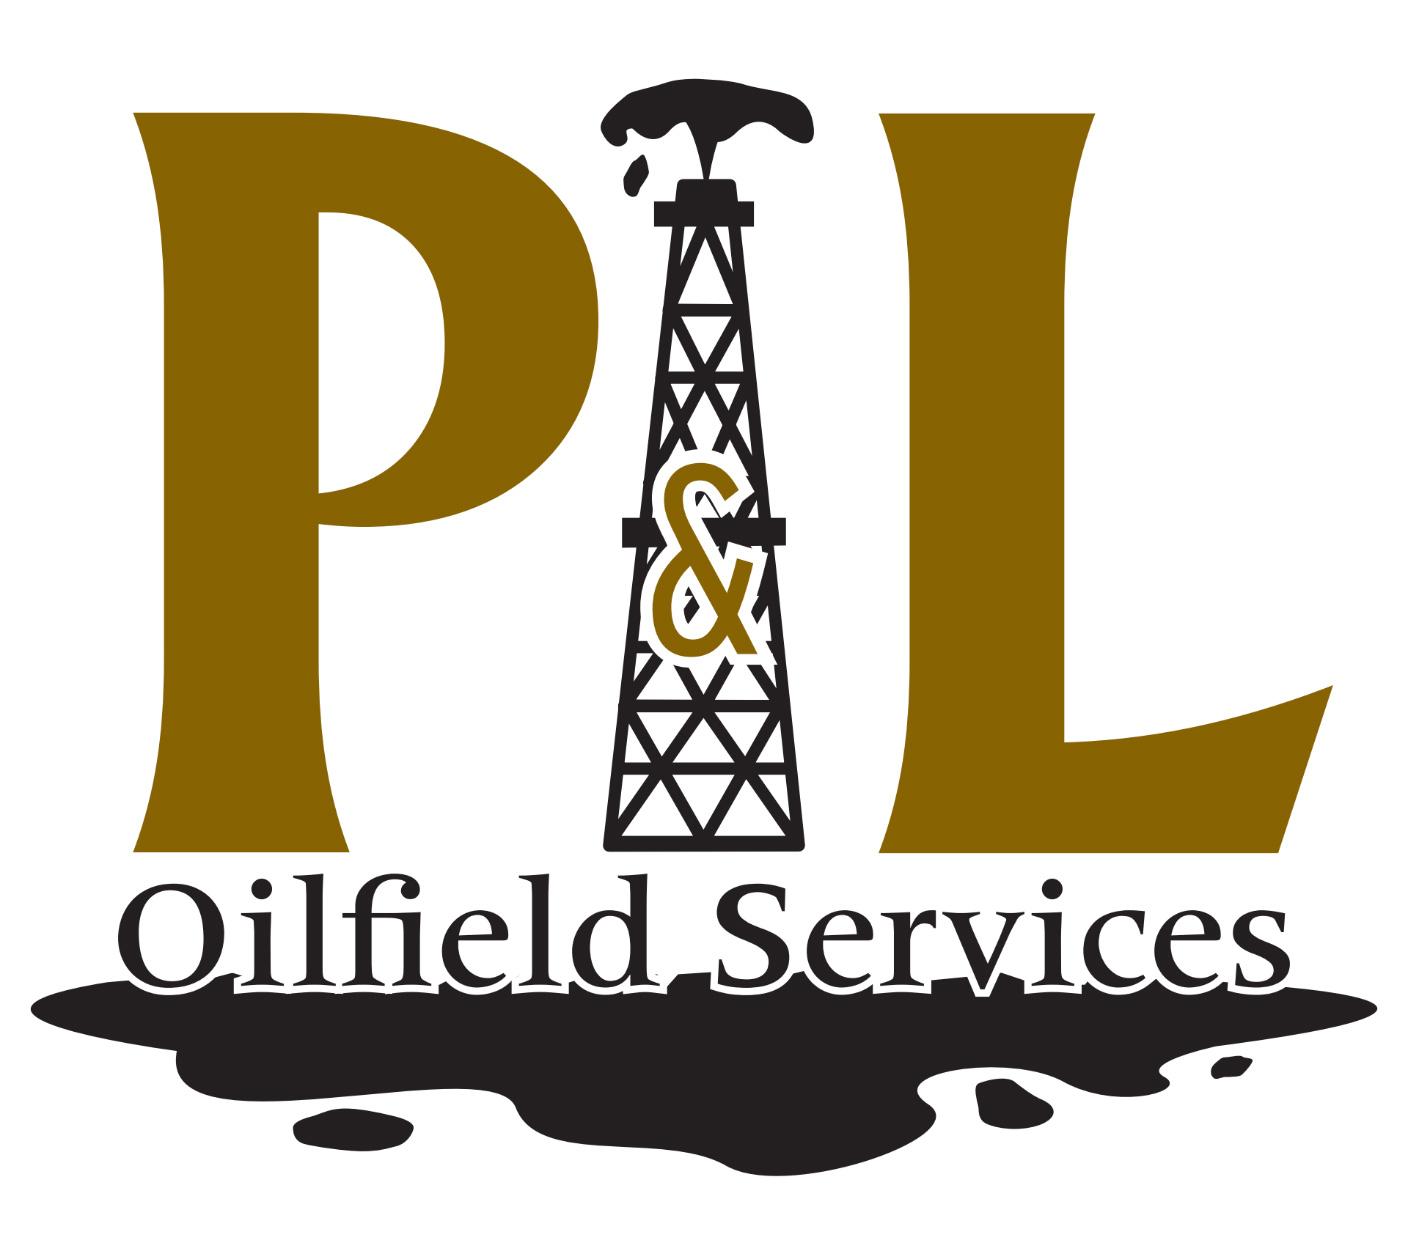 P & L Oilfield Services